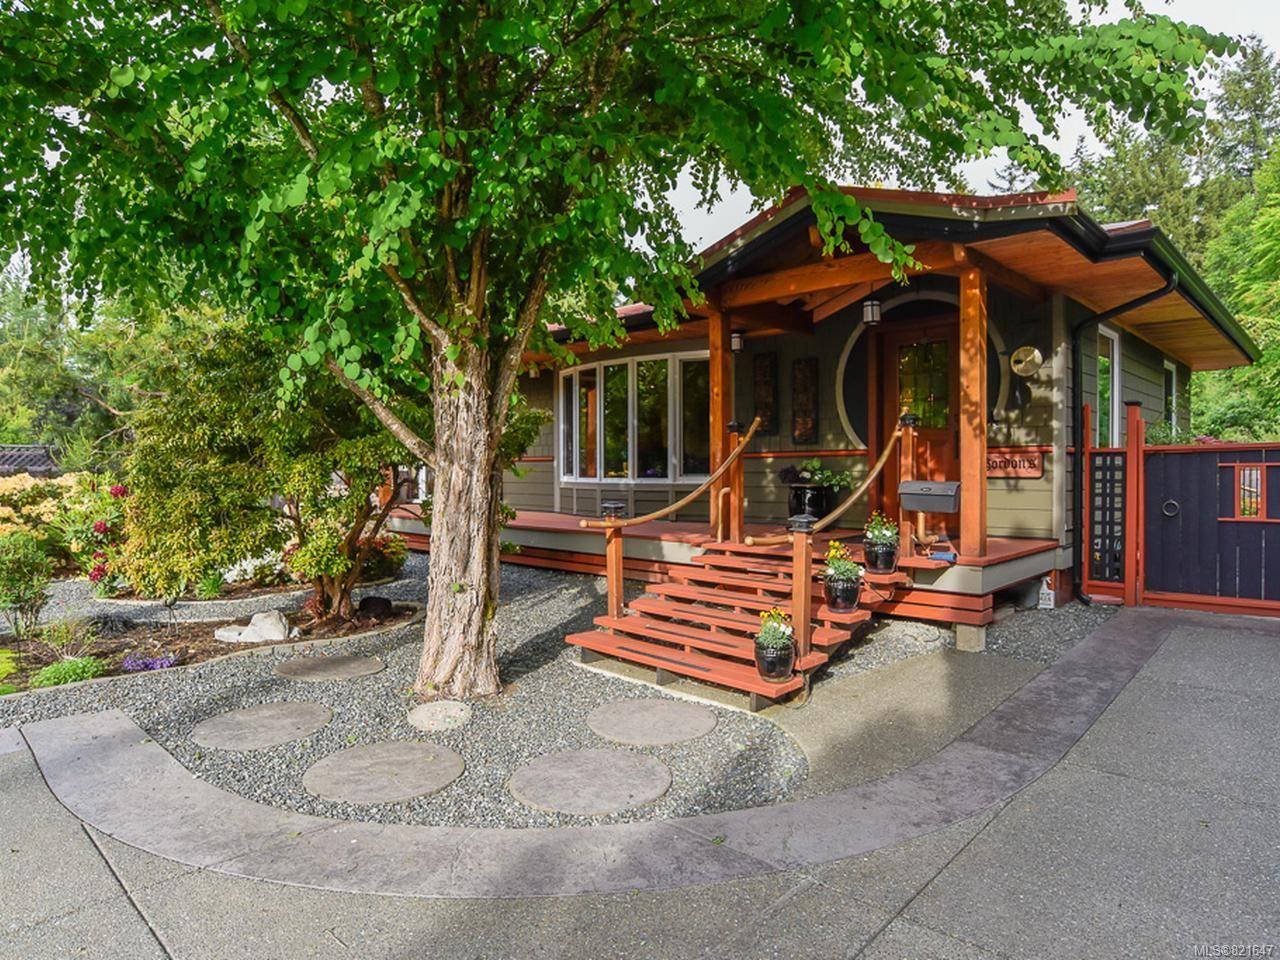 Main Photo: 330 MCLEOD STREET in COMOX: CV Comox (Town of) House for sale (Comox Valley)  : MLS®# 821647